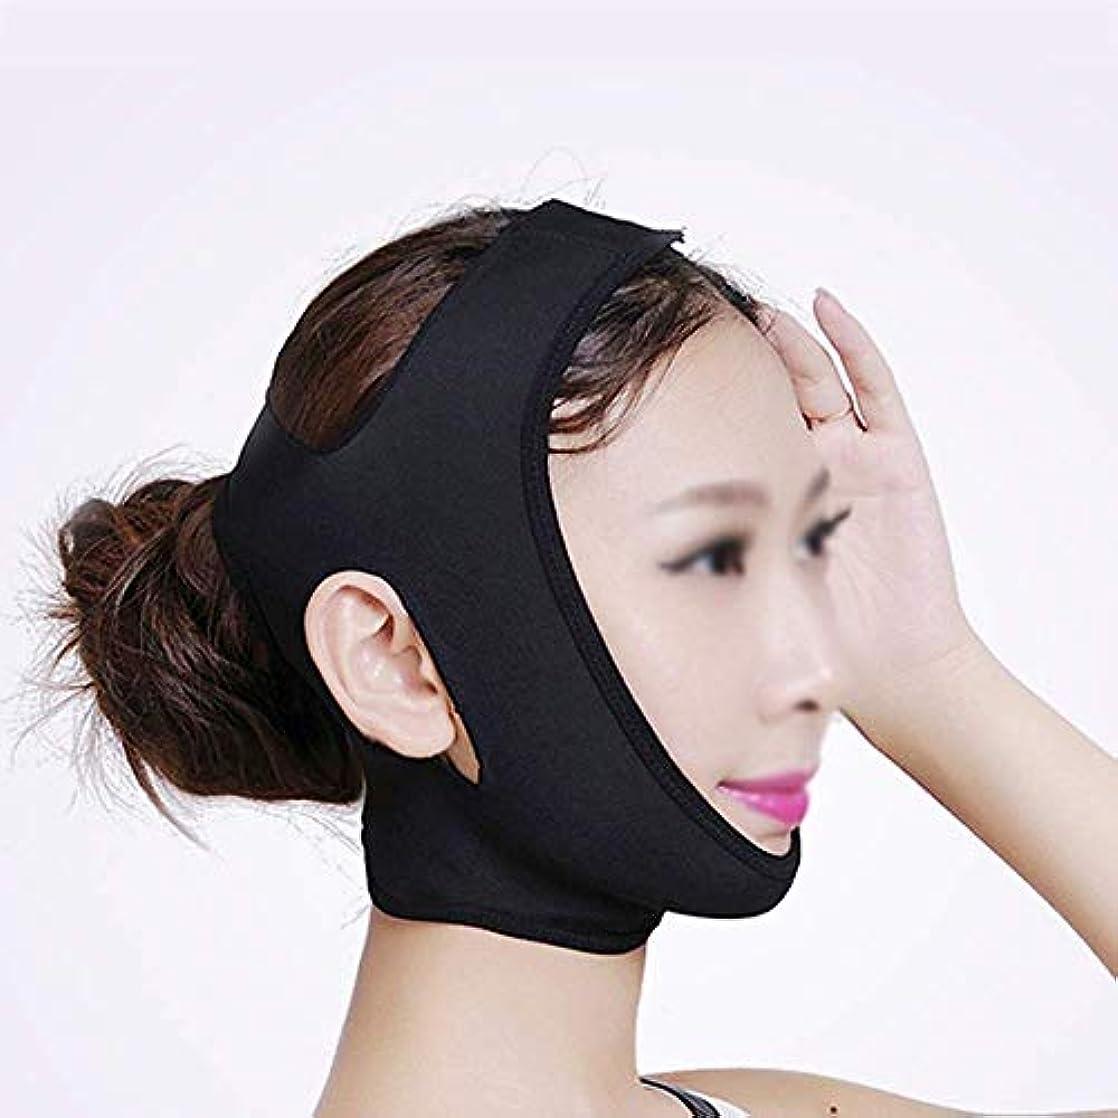 ナイロン粘り強い収益フェイシャル減量マスクリフティングフェイス、フェイスマスク、減量包帯を除去するためのダブルチン、フェイシャルリフティング包帯、ダブルチンを減らすためのリフティングベルト(カラー:ブラック、サイズ:M),黒、M